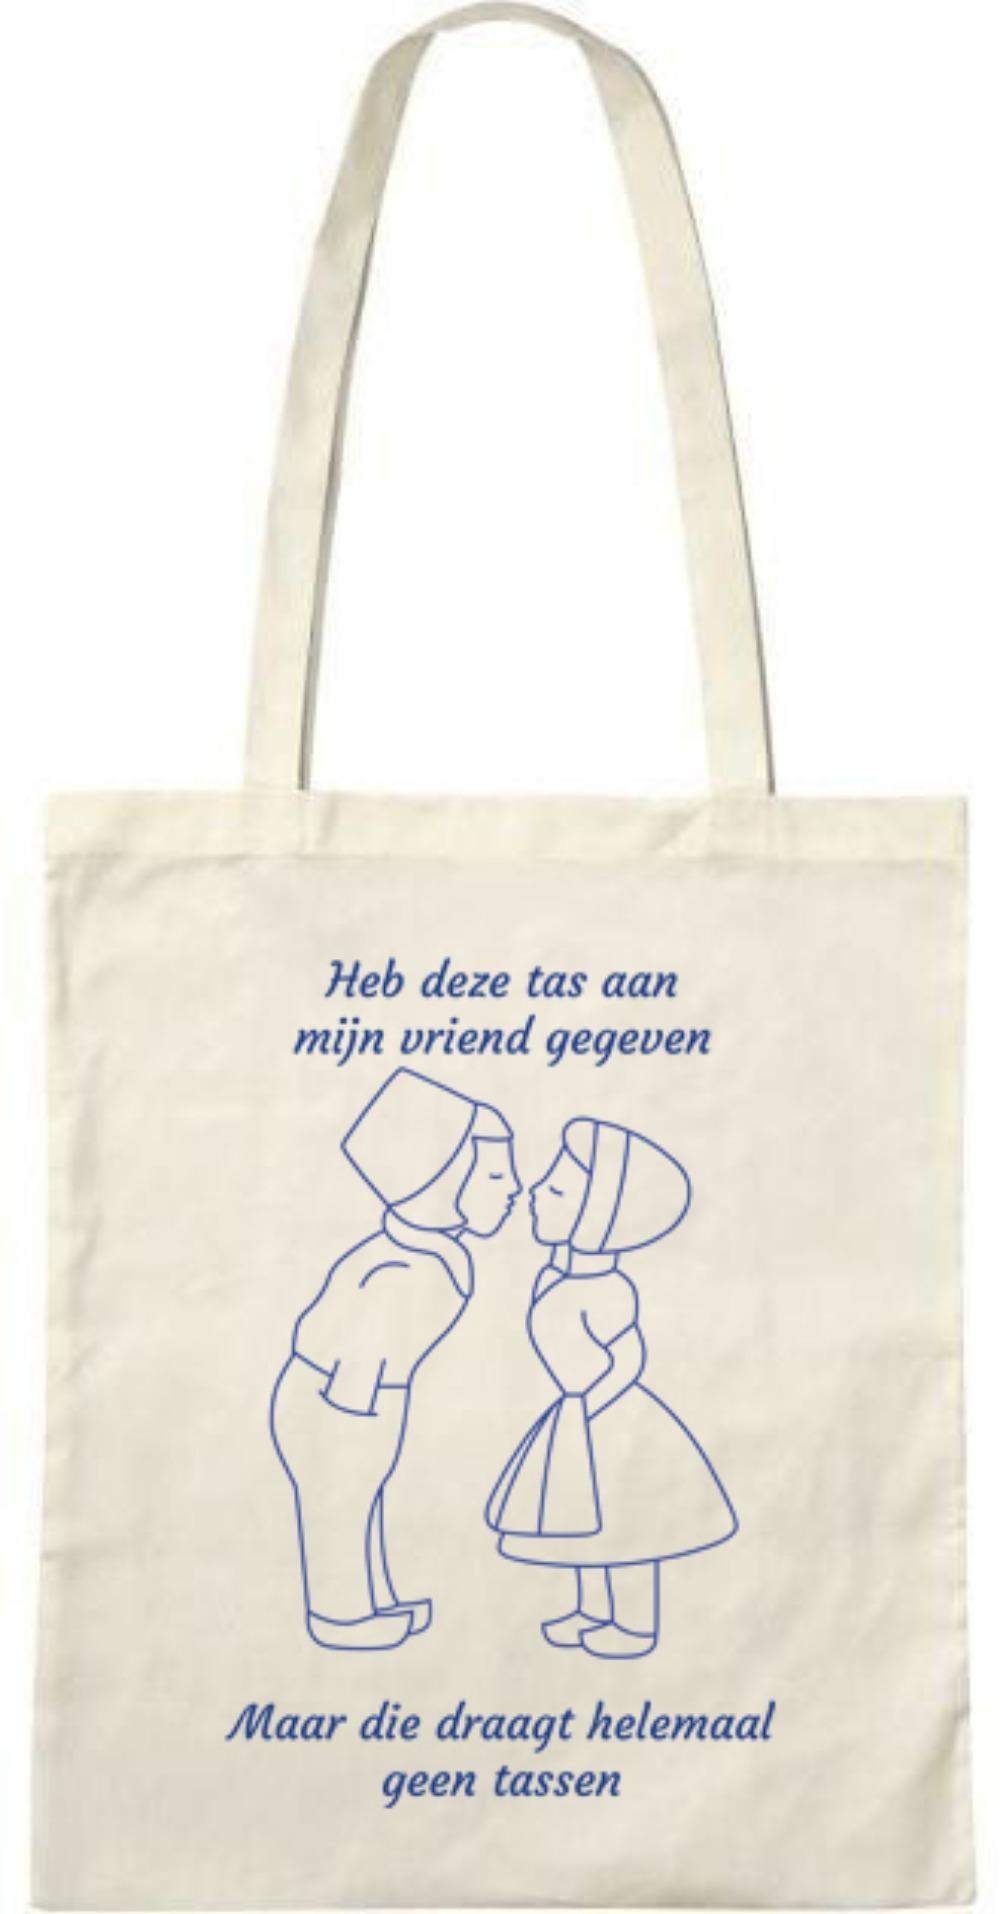 Heb deze tas aan  (mannetje-vrouwtje) - Tasje